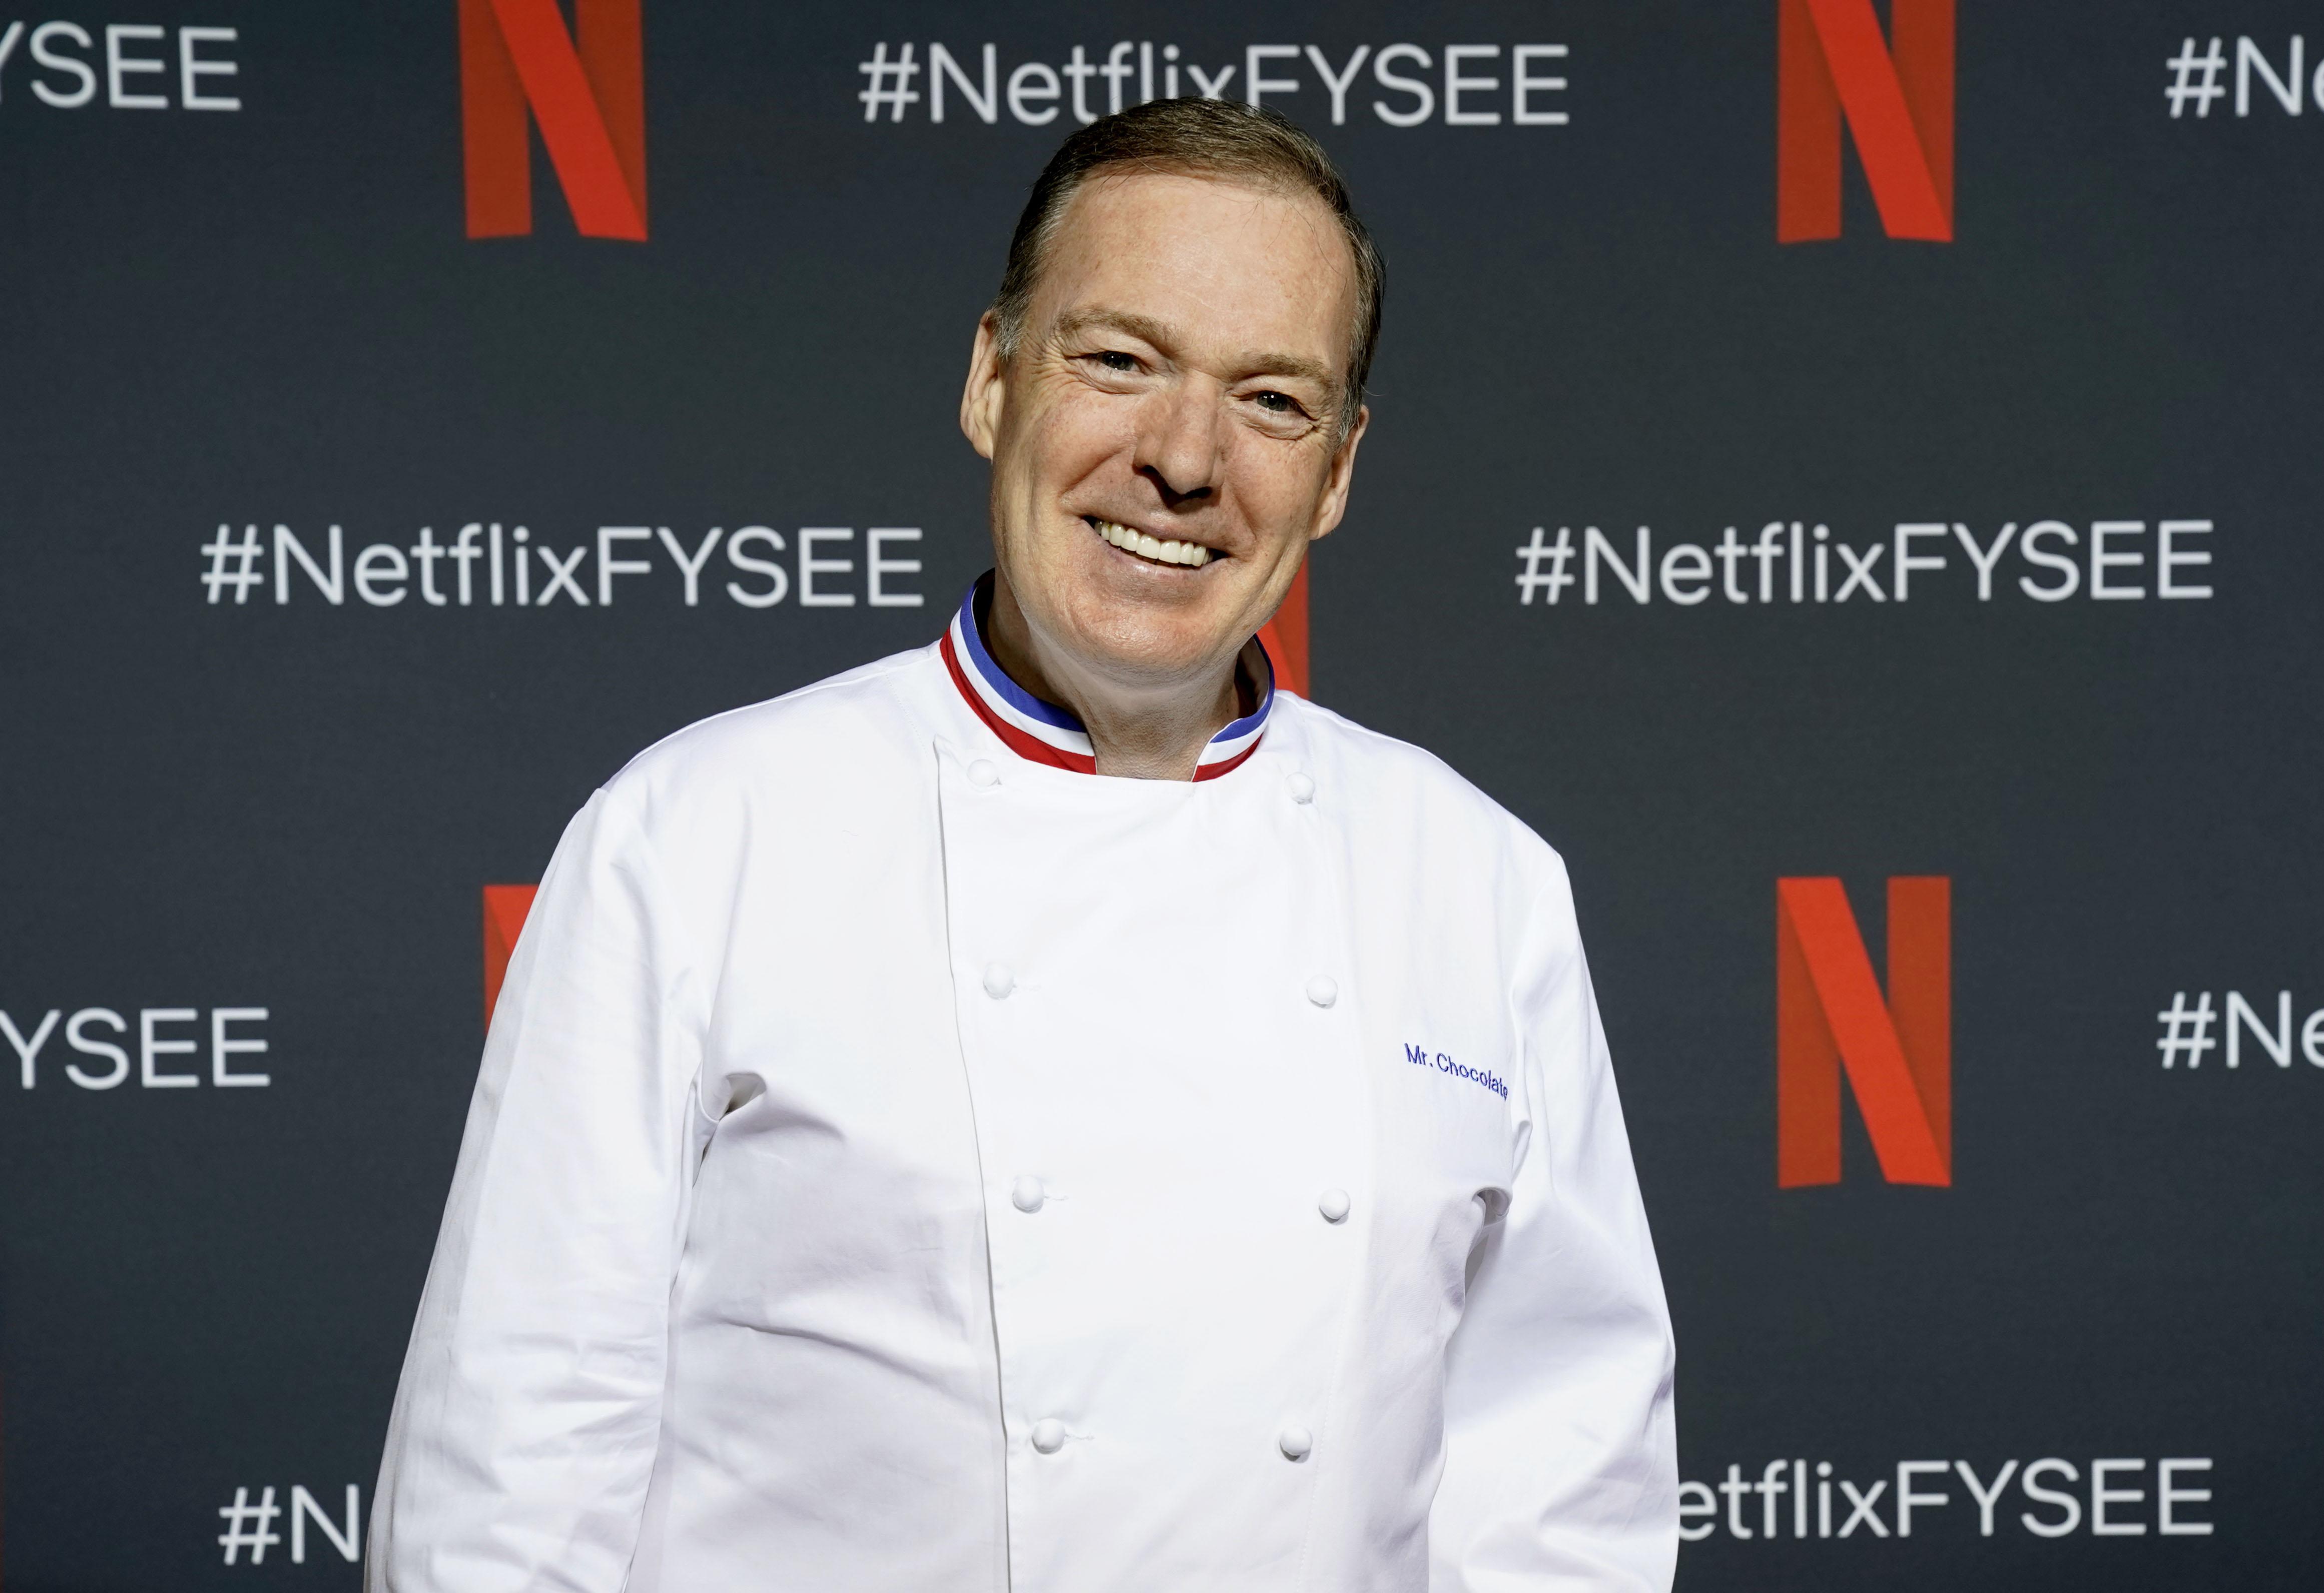 Netflix FYSEE Food Day